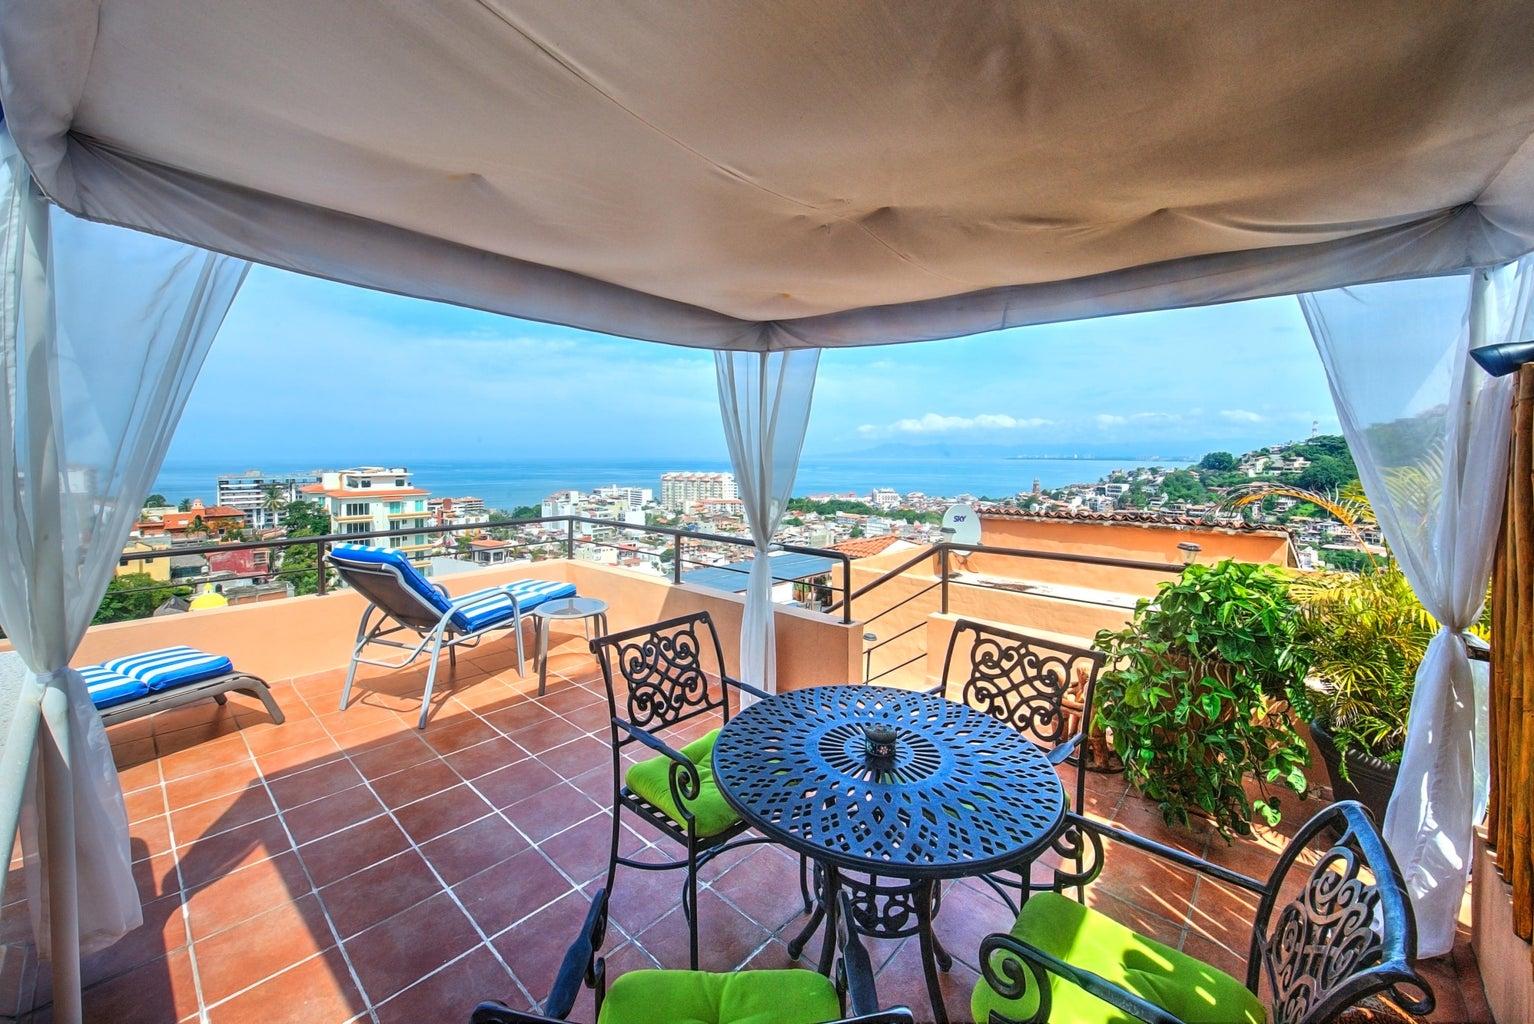 Rooftop terrace / pool